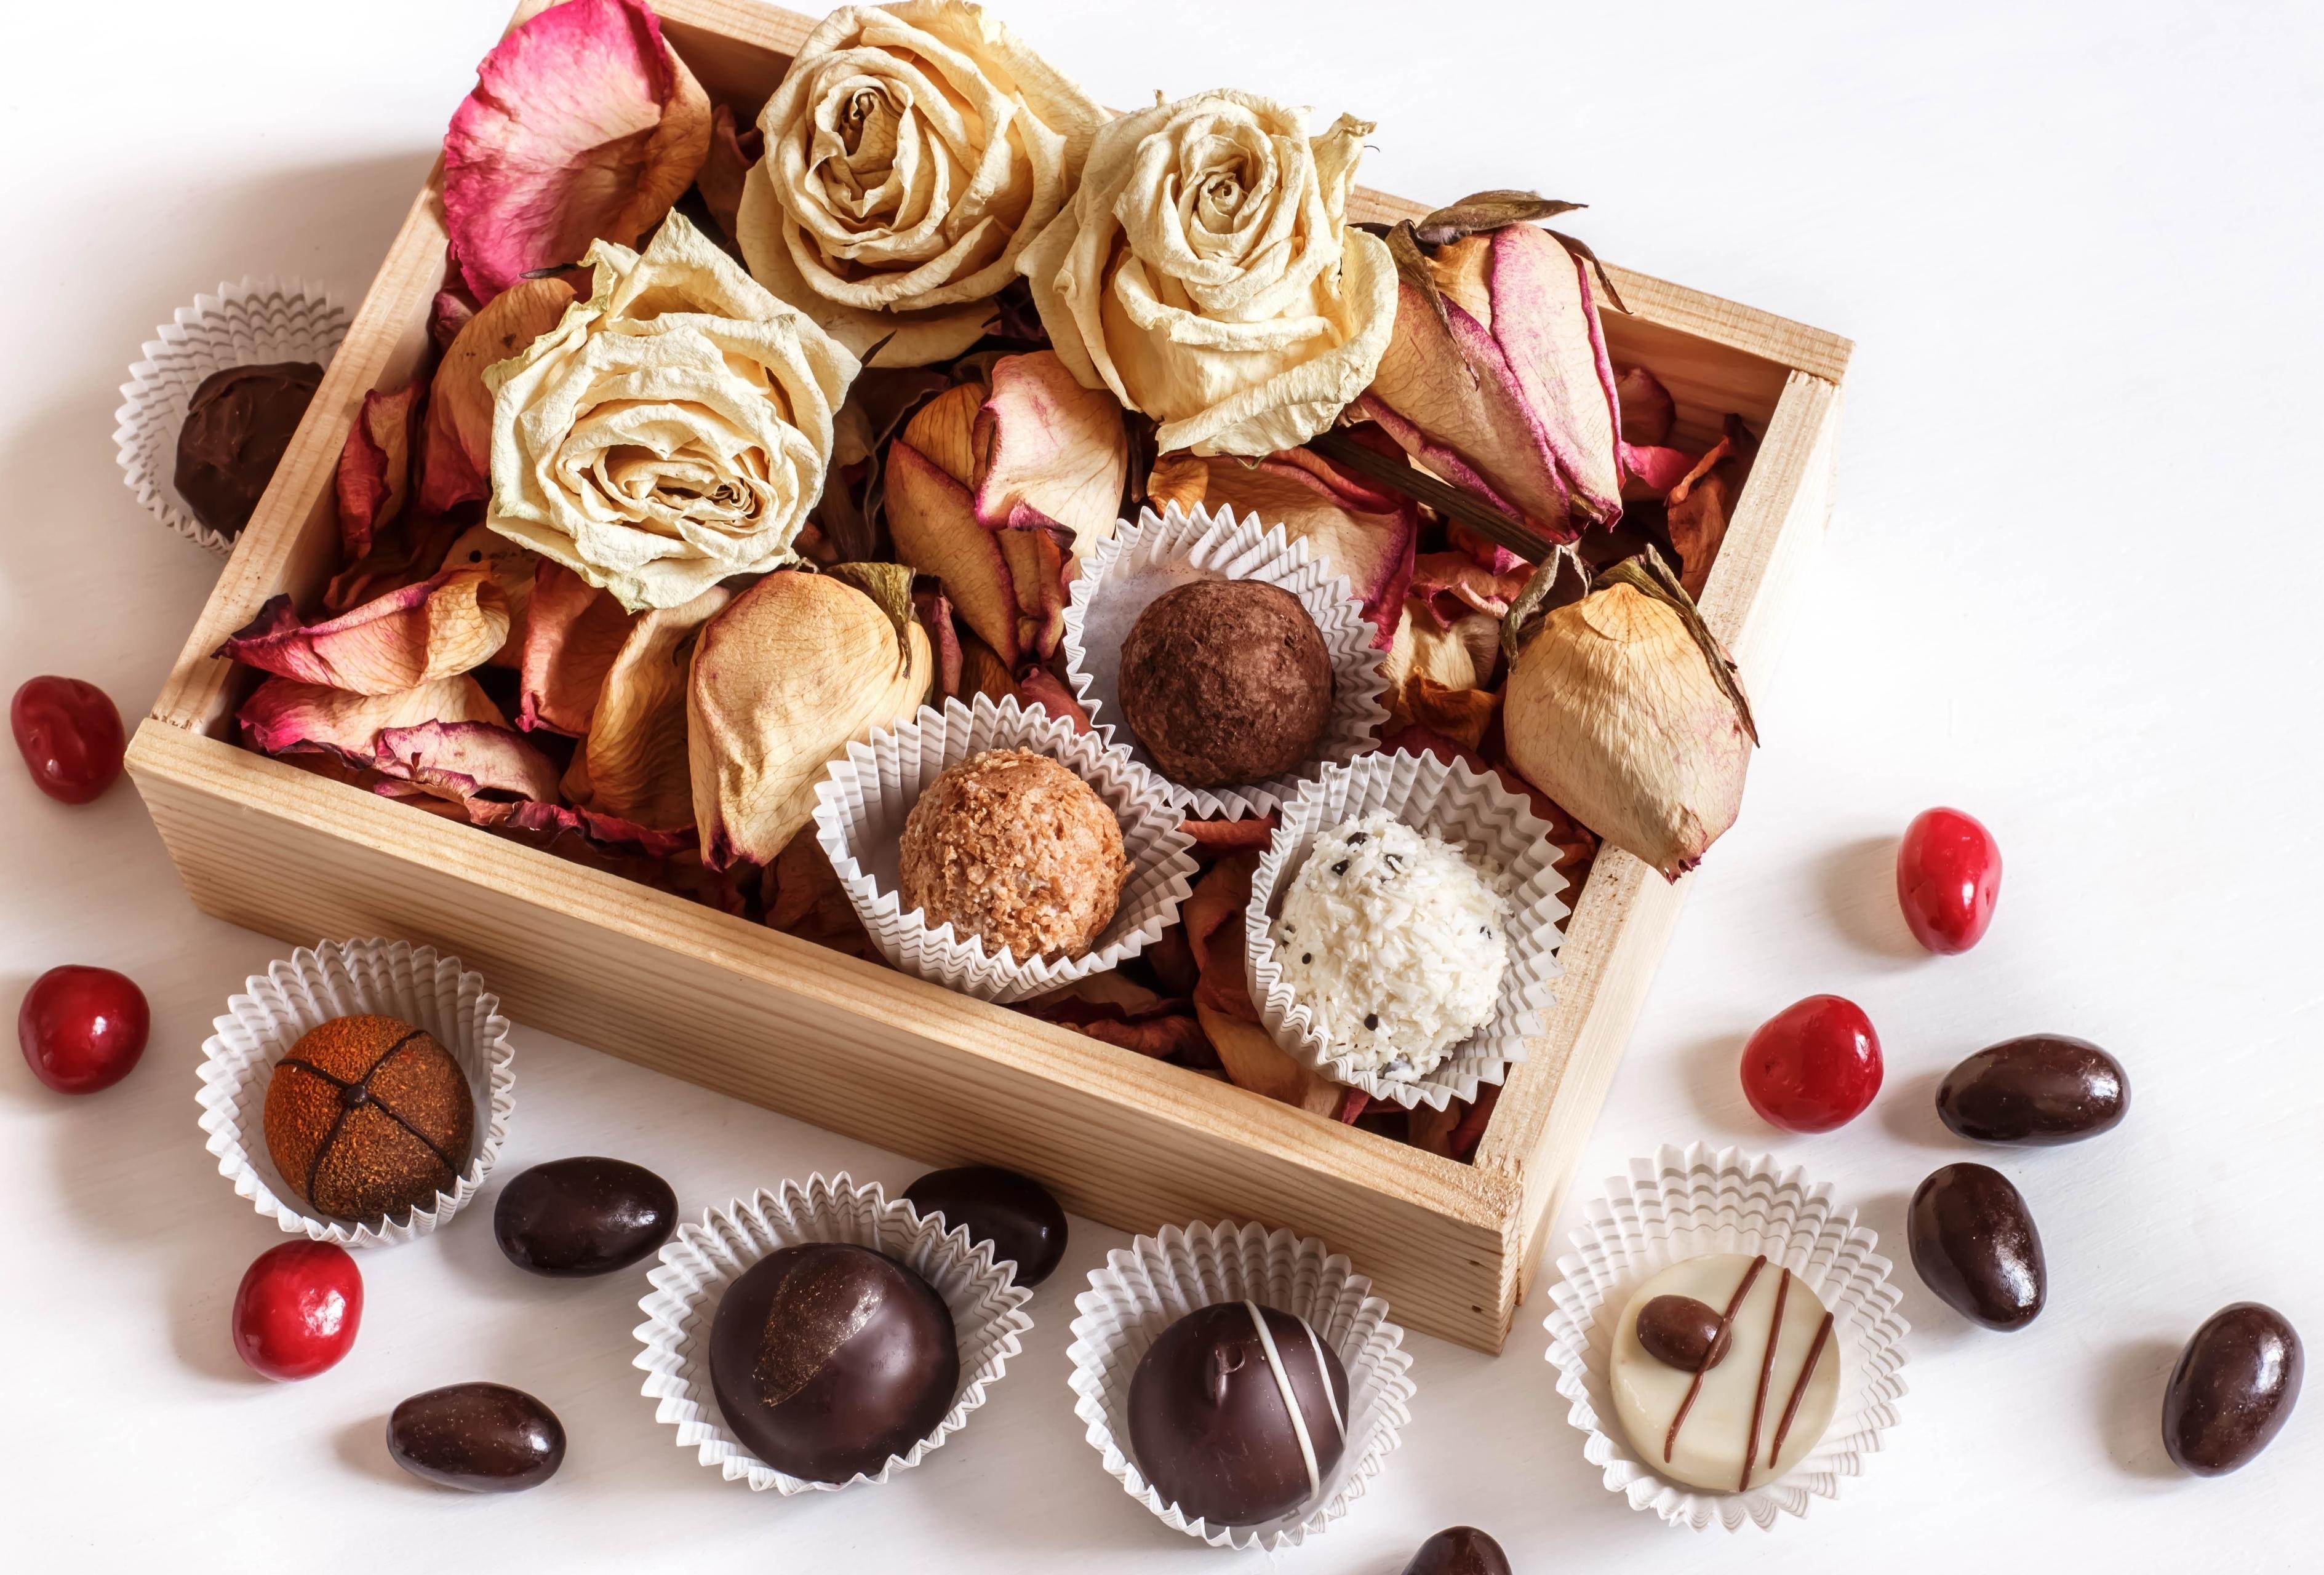 картинки с шоколадными конфетами и цветами нужна помощь пошиве